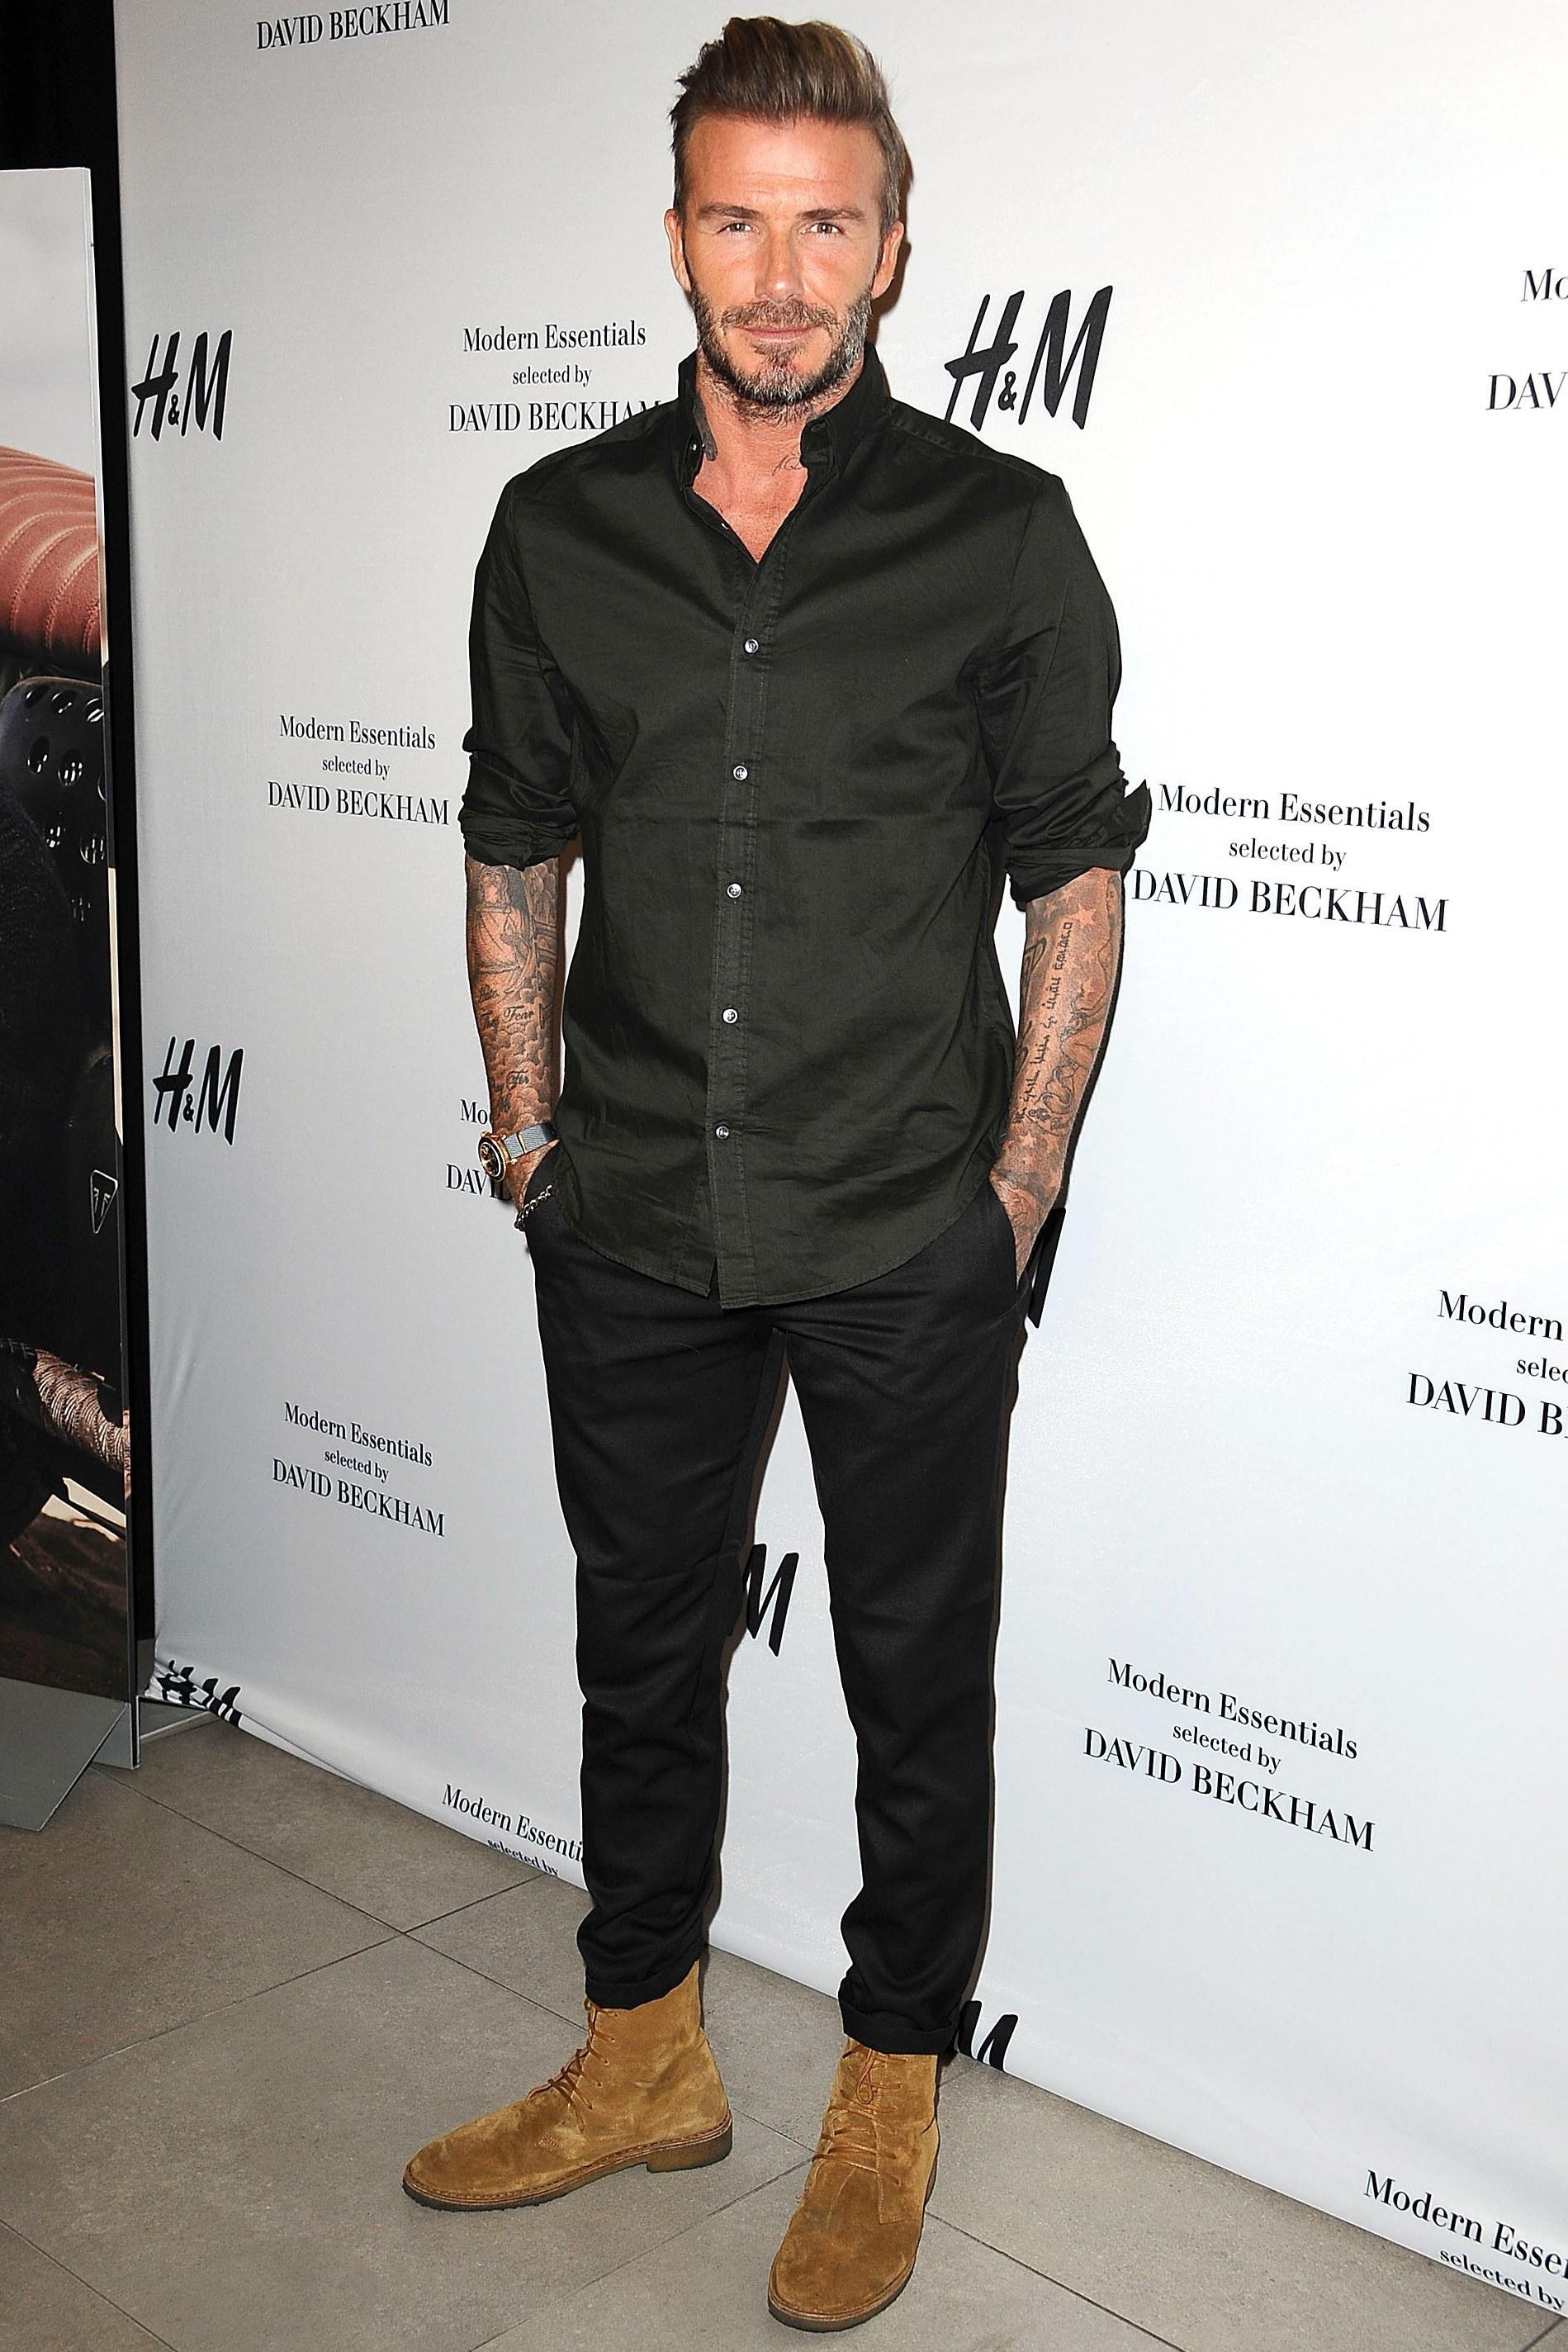 David Beckham Wearing Black Long Sleeve Shirt Black Chinos Tan